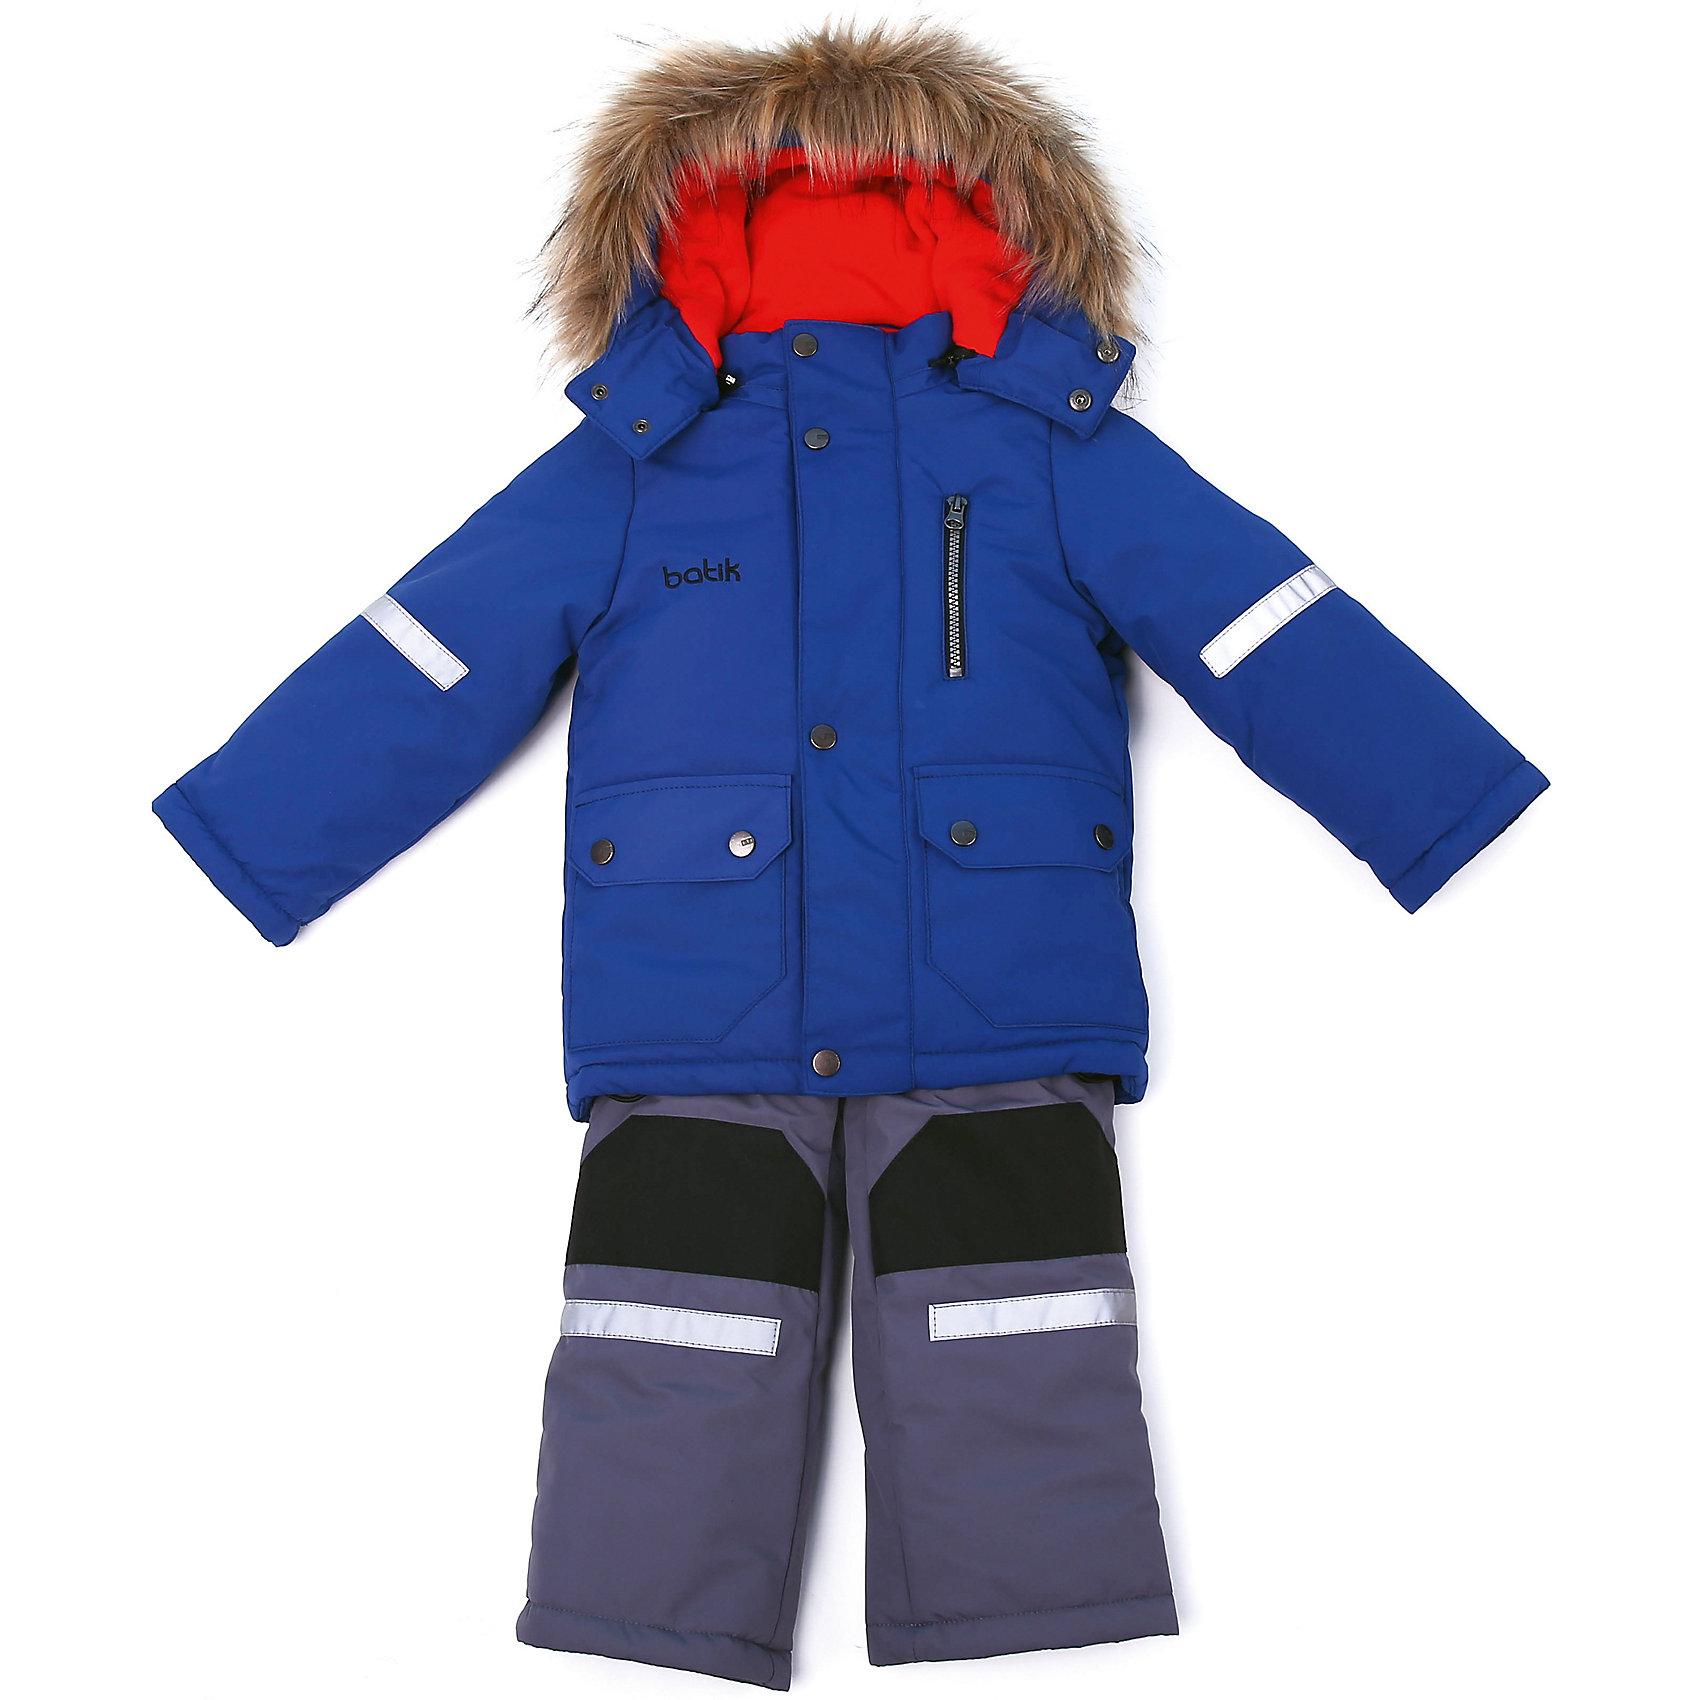 Комплект: куртка и полукомбенизон Артур Batik для мальчикаВерхняя одежда<br>Комплект: куртка и полукомбенизон Артур Batik для мальчика<br>Верхняя ткань обладает водоотталкивающими и ветрозащитными свойствами мембраны. Полукомбинезон с отстегивающимися лямками, имеются липучки для регулировки ширины низа брюк. Куртка на молнии с ветрозащитной планкой и юбкой внутри, светоотражающими элементами. Капюшон на молнии со съемной опушкой.<br>Состав:<br>Ткань верха - TASLON OXFORD;  Утеплитель - Слайтекс 300;  Подкладка - Полар флис;<br><br>Ширина мм: 356<br>Глубина мм: 10<br>Высота мм: 245<br>Вес г: 519<br>Цвет: синий<br>Возраст от месяцев: 24<br>Возраст до месяцев: 36<br>Пол: Мужской<br>Возраст: Детский<br>Размер: 98,80,86,92<br>SKU: 7028003